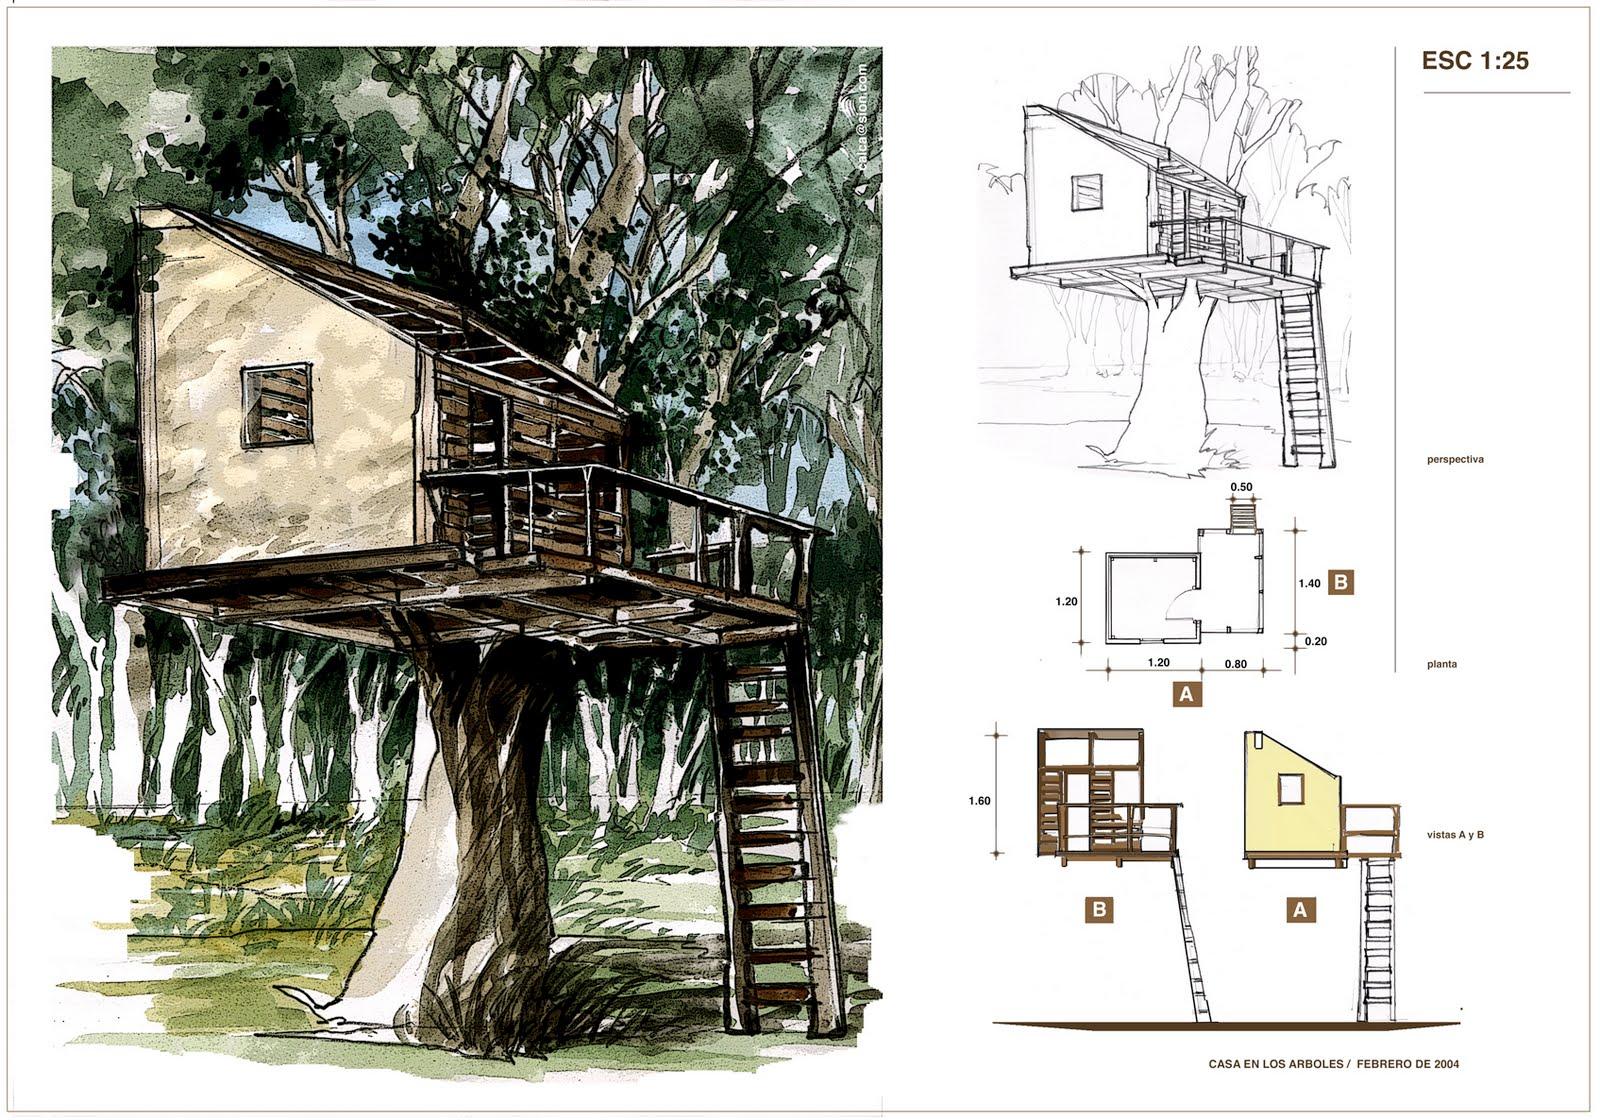 Una casa en el rbol 2004 oscar carballo direcci n de for Casa en el arbol cuenca